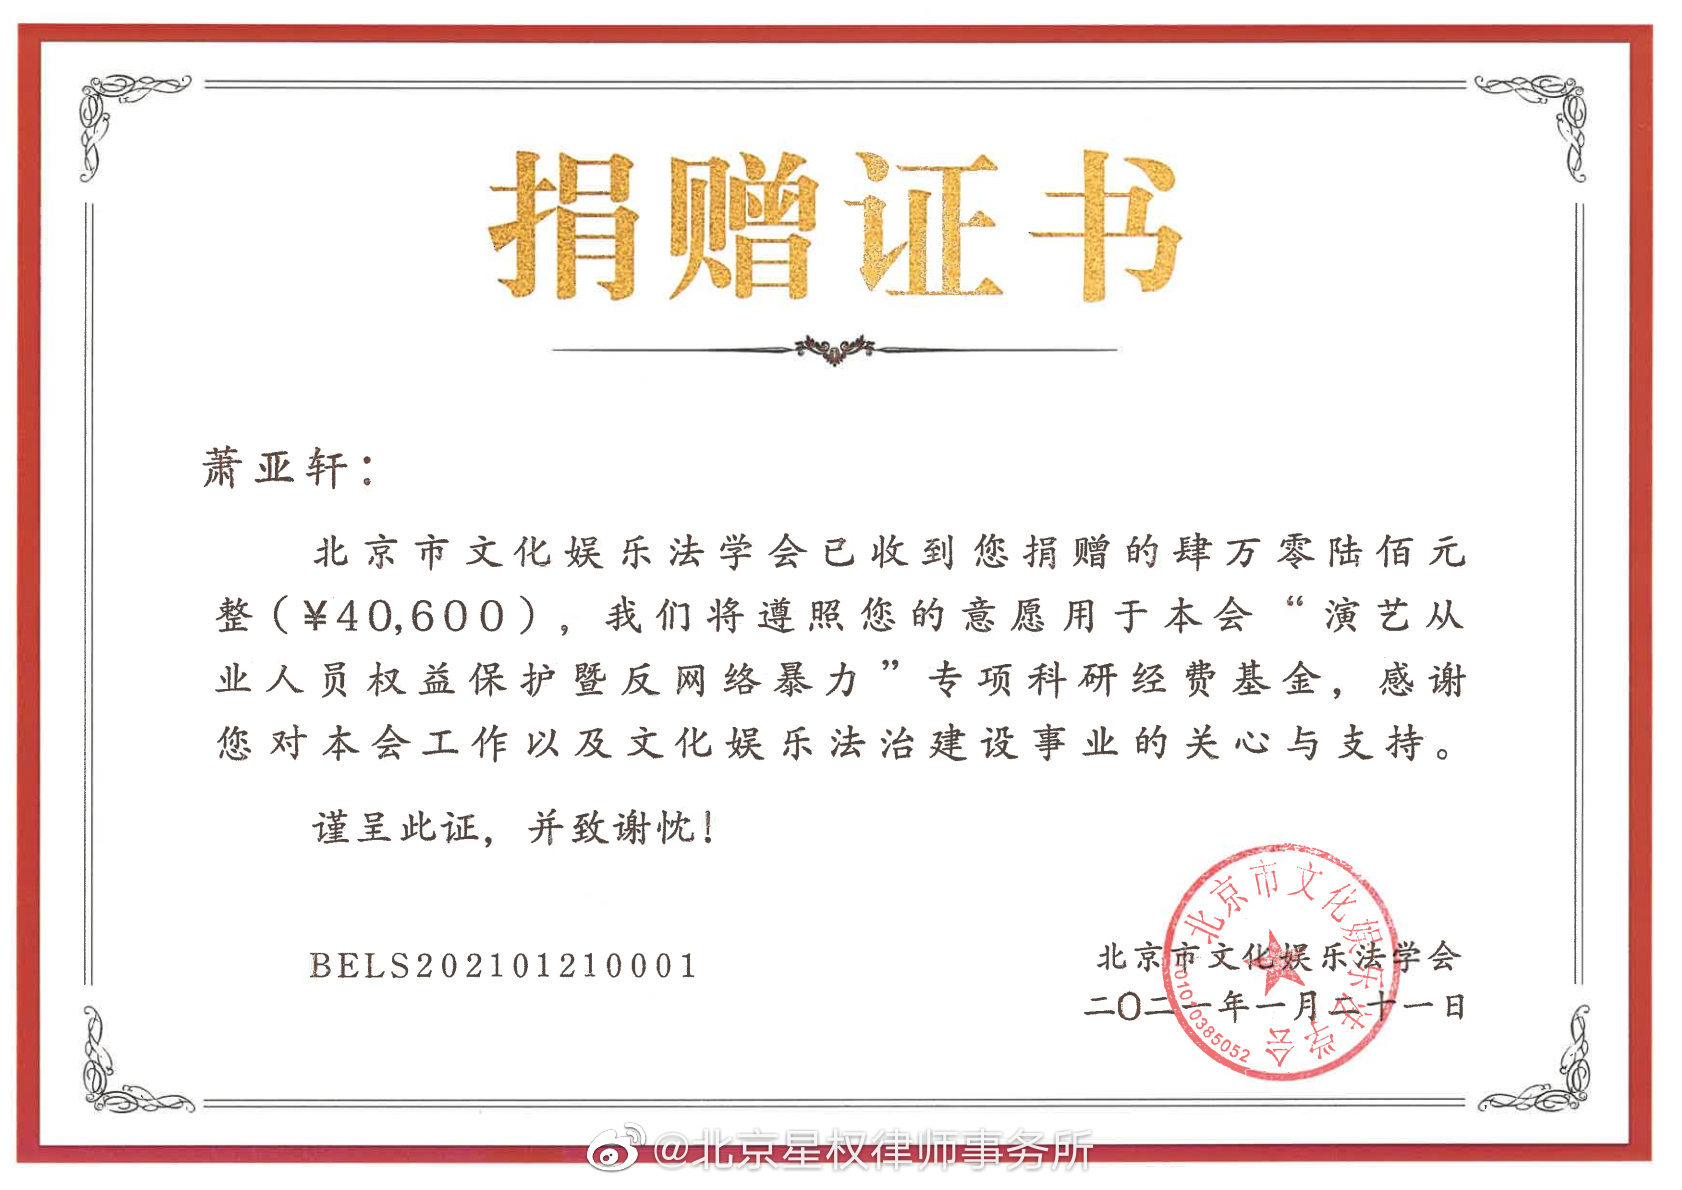 萧亚轩名誉权案胜诉,再次捐出赔偿款四万余元